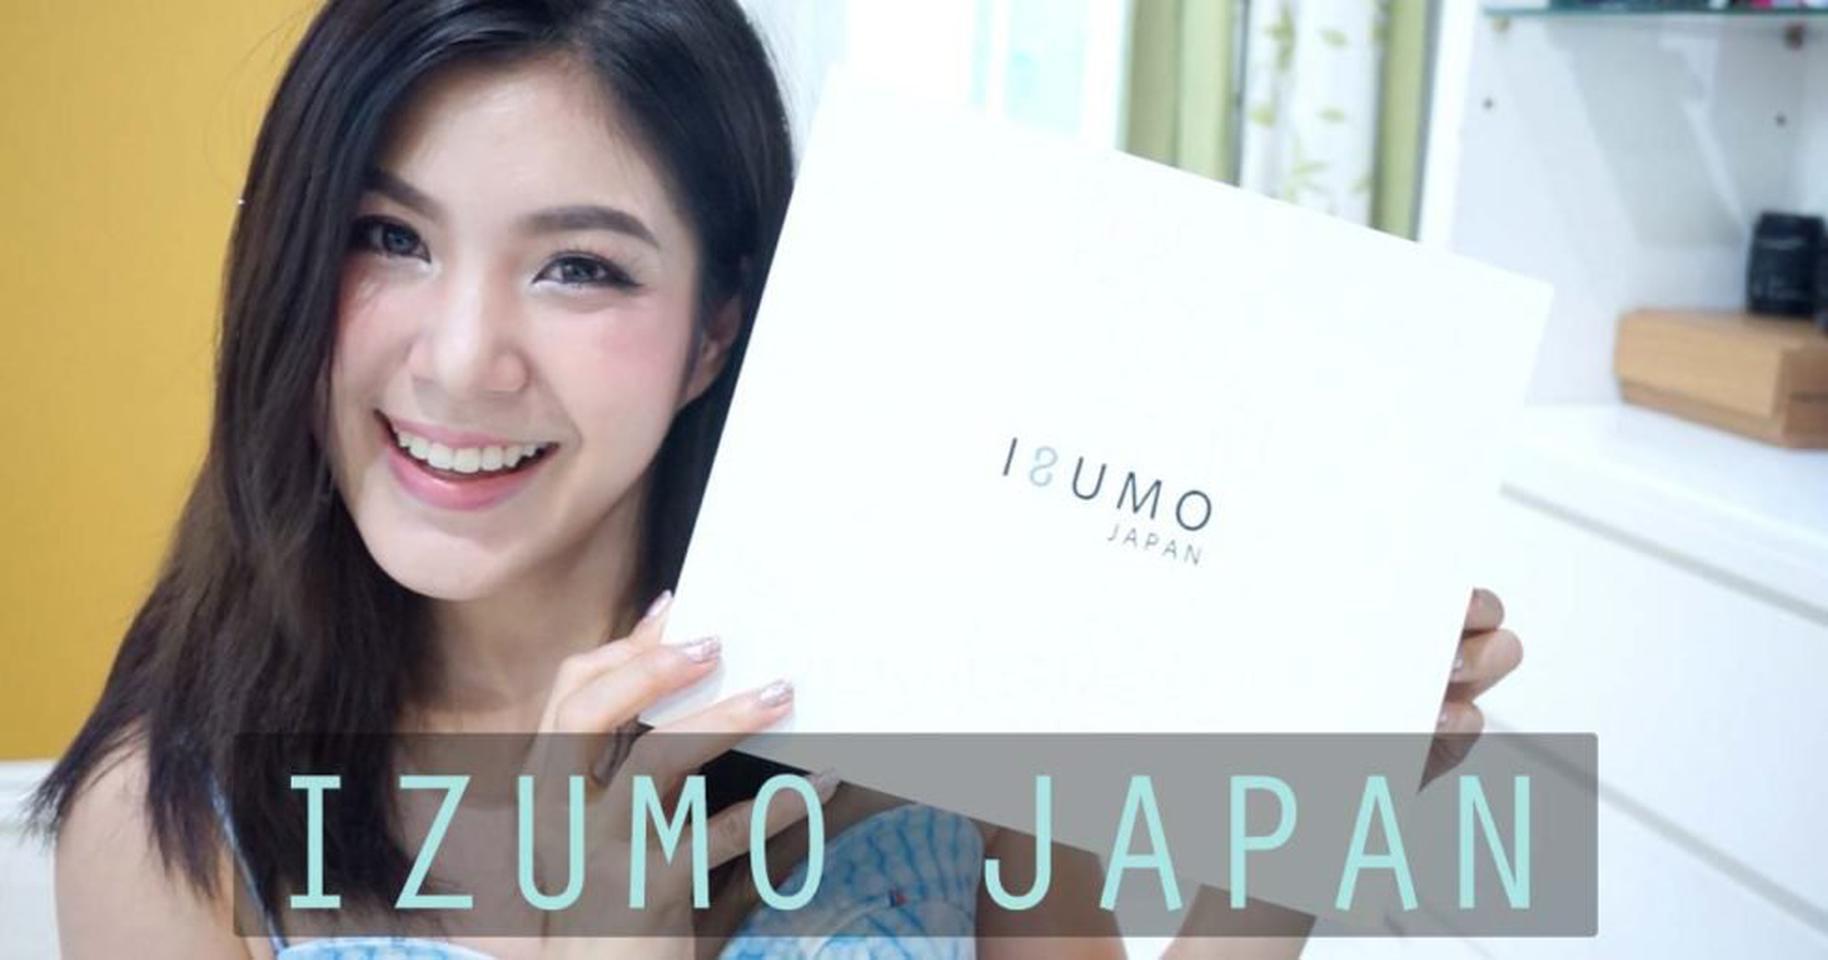 แป้งร่ำ izumo รูปที่ 5